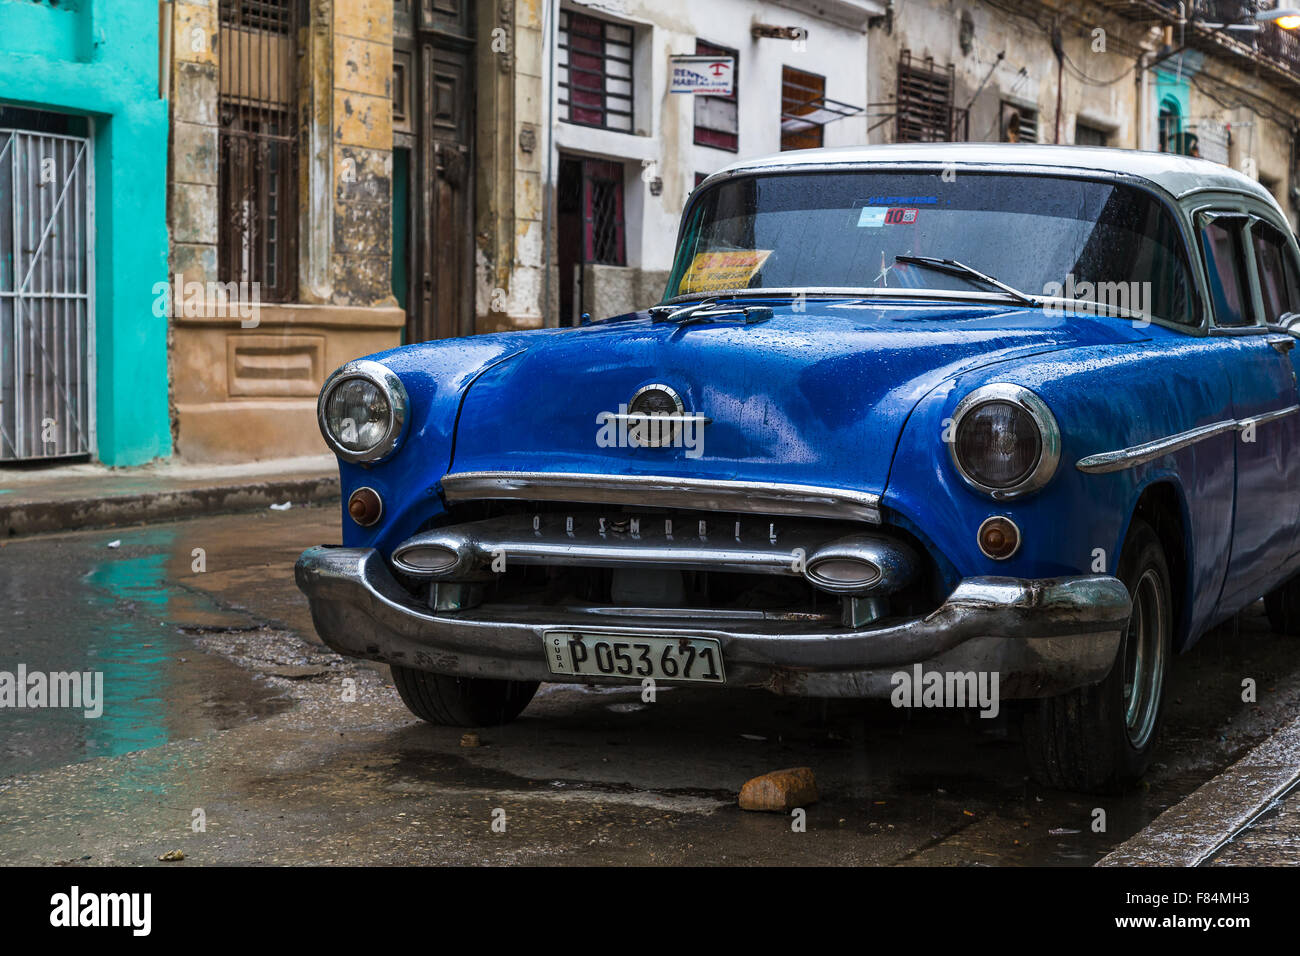 He visto este precioso coche clásico azul oscuro a un costado de la carretera en Centro Habana y encontró una foto simplemente demasiado difícil de resistir. Foto de stock